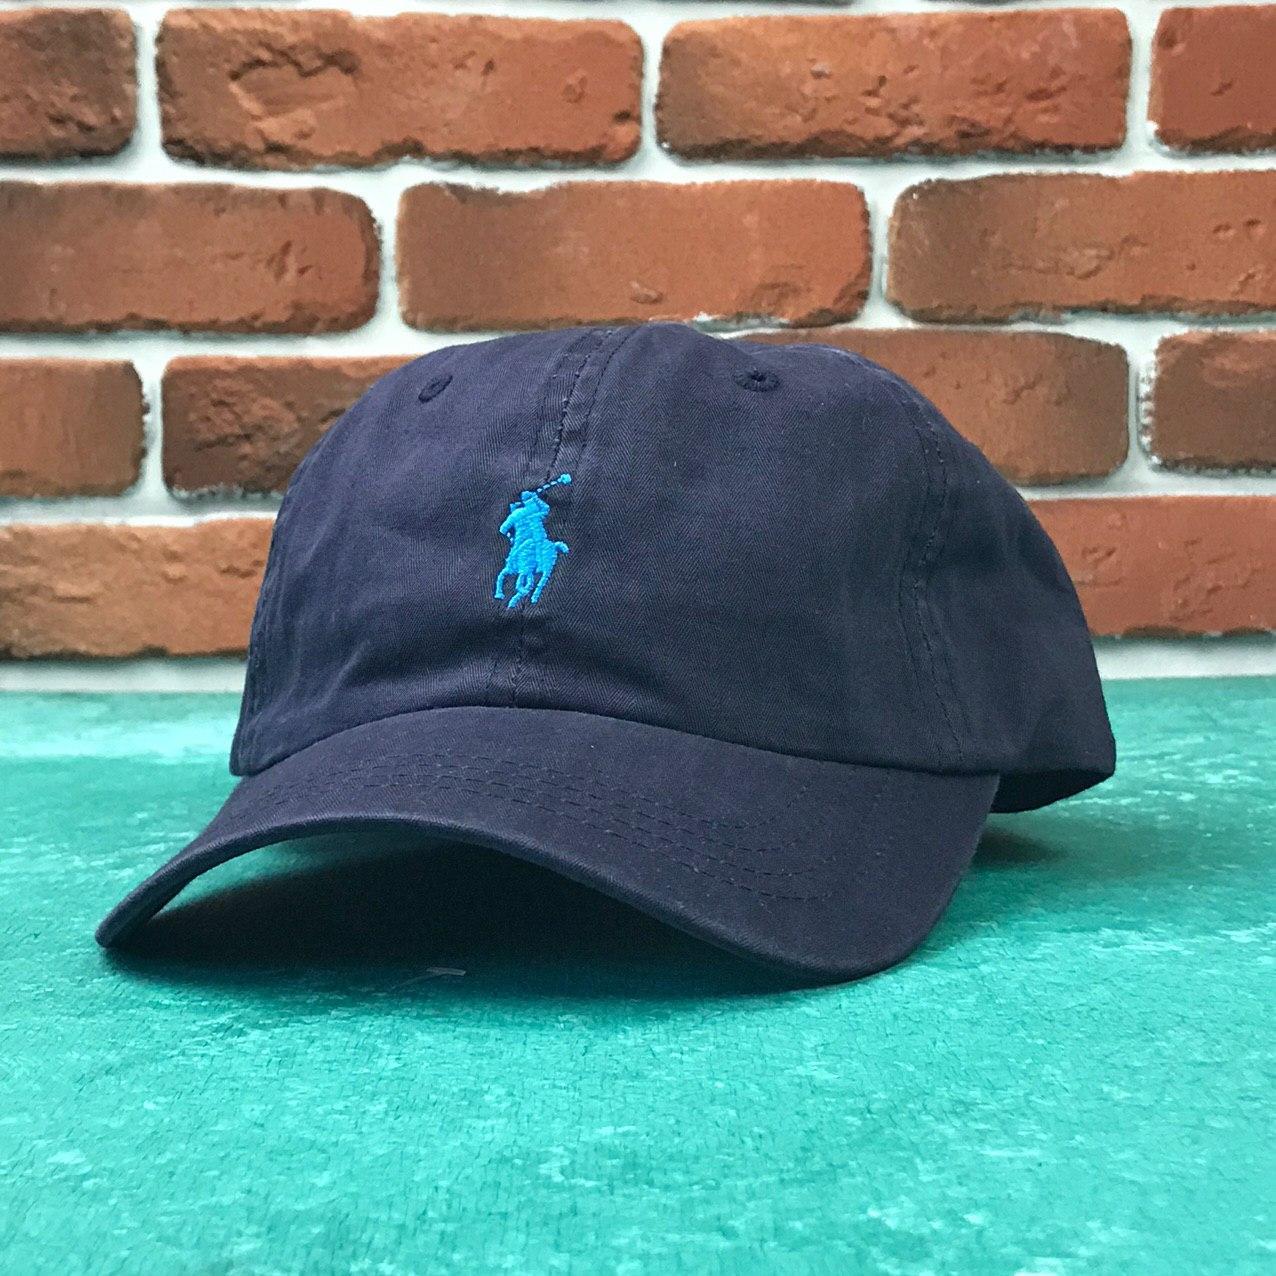 Кепка Бейсболка Мужская Женская Polo Ralph Lauren с тканевым ремешком Темно-Синяя с Синим лого